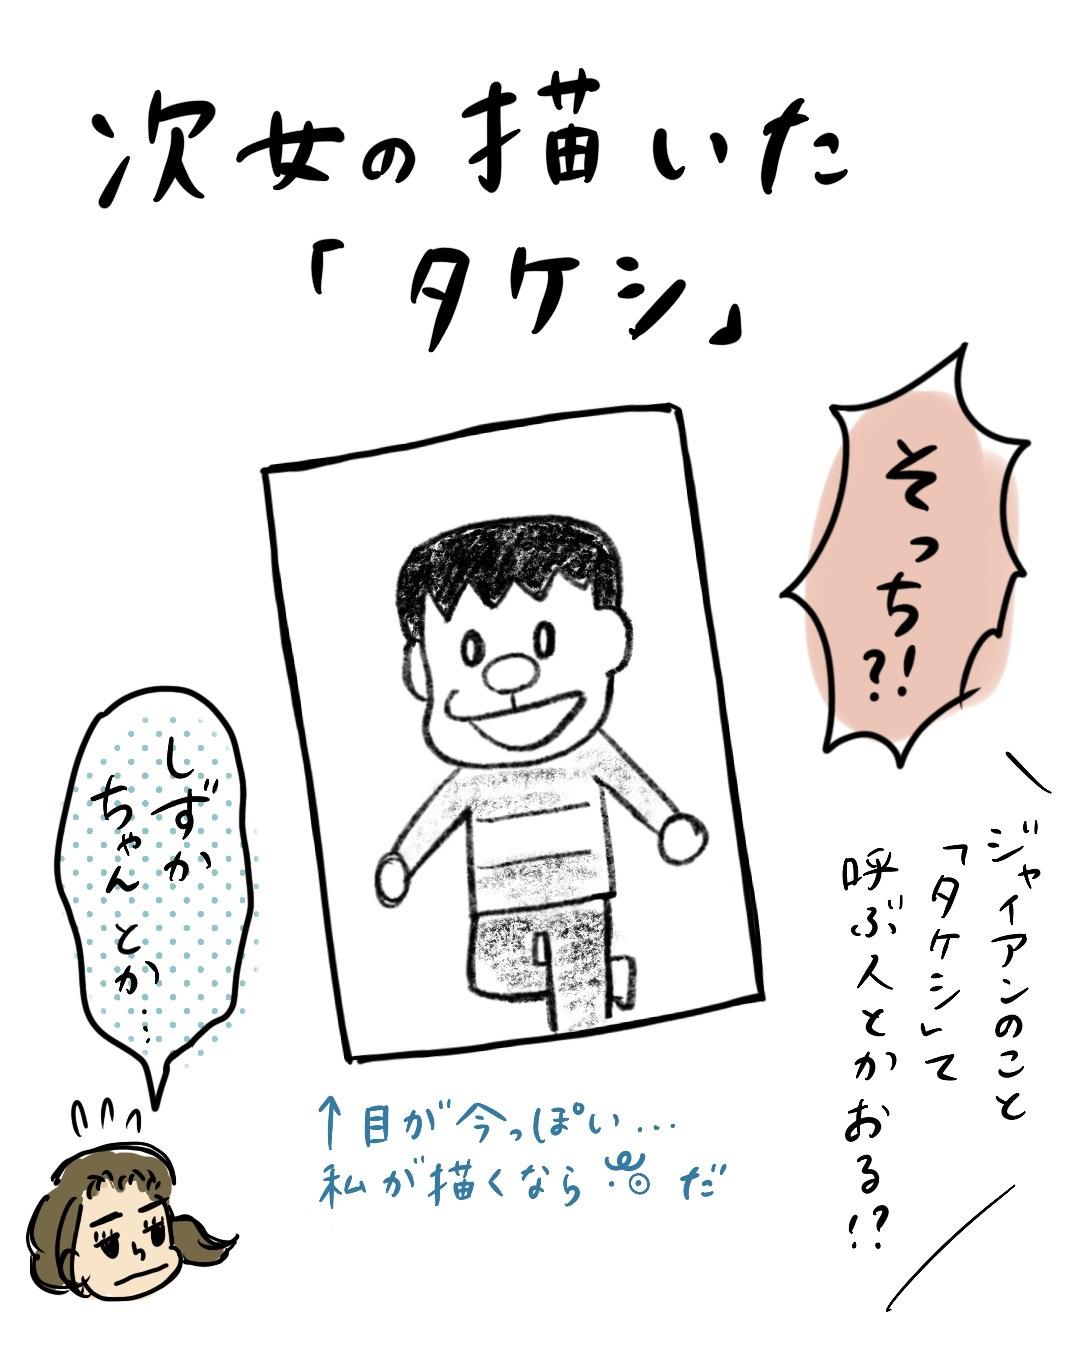 ジャイアンのイラスト